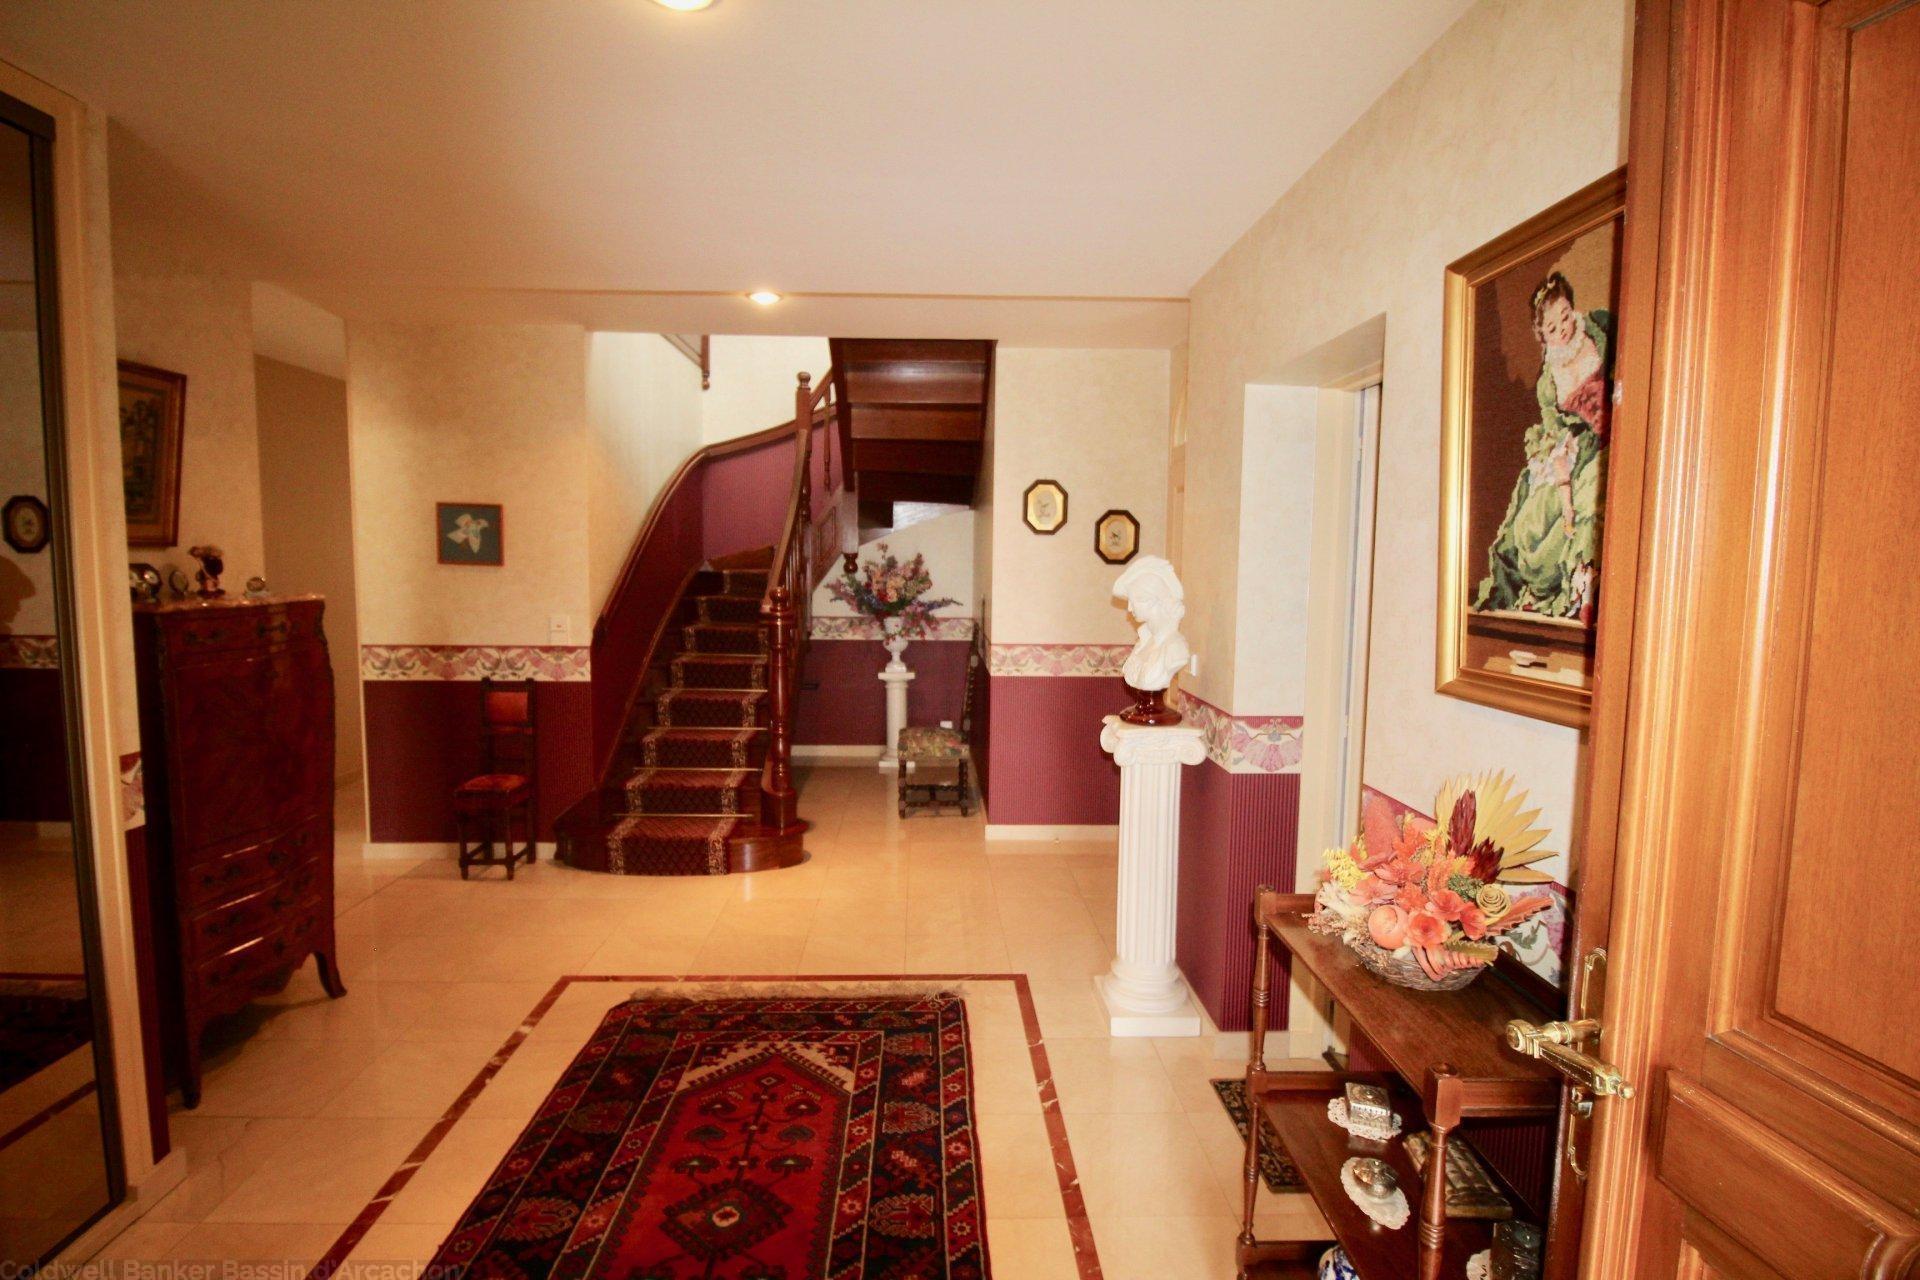 vente maison villa proche bordeaux pessac pr s du golf coldwell banker. Black Bedroom Furniture Sets. Home Design Ideas